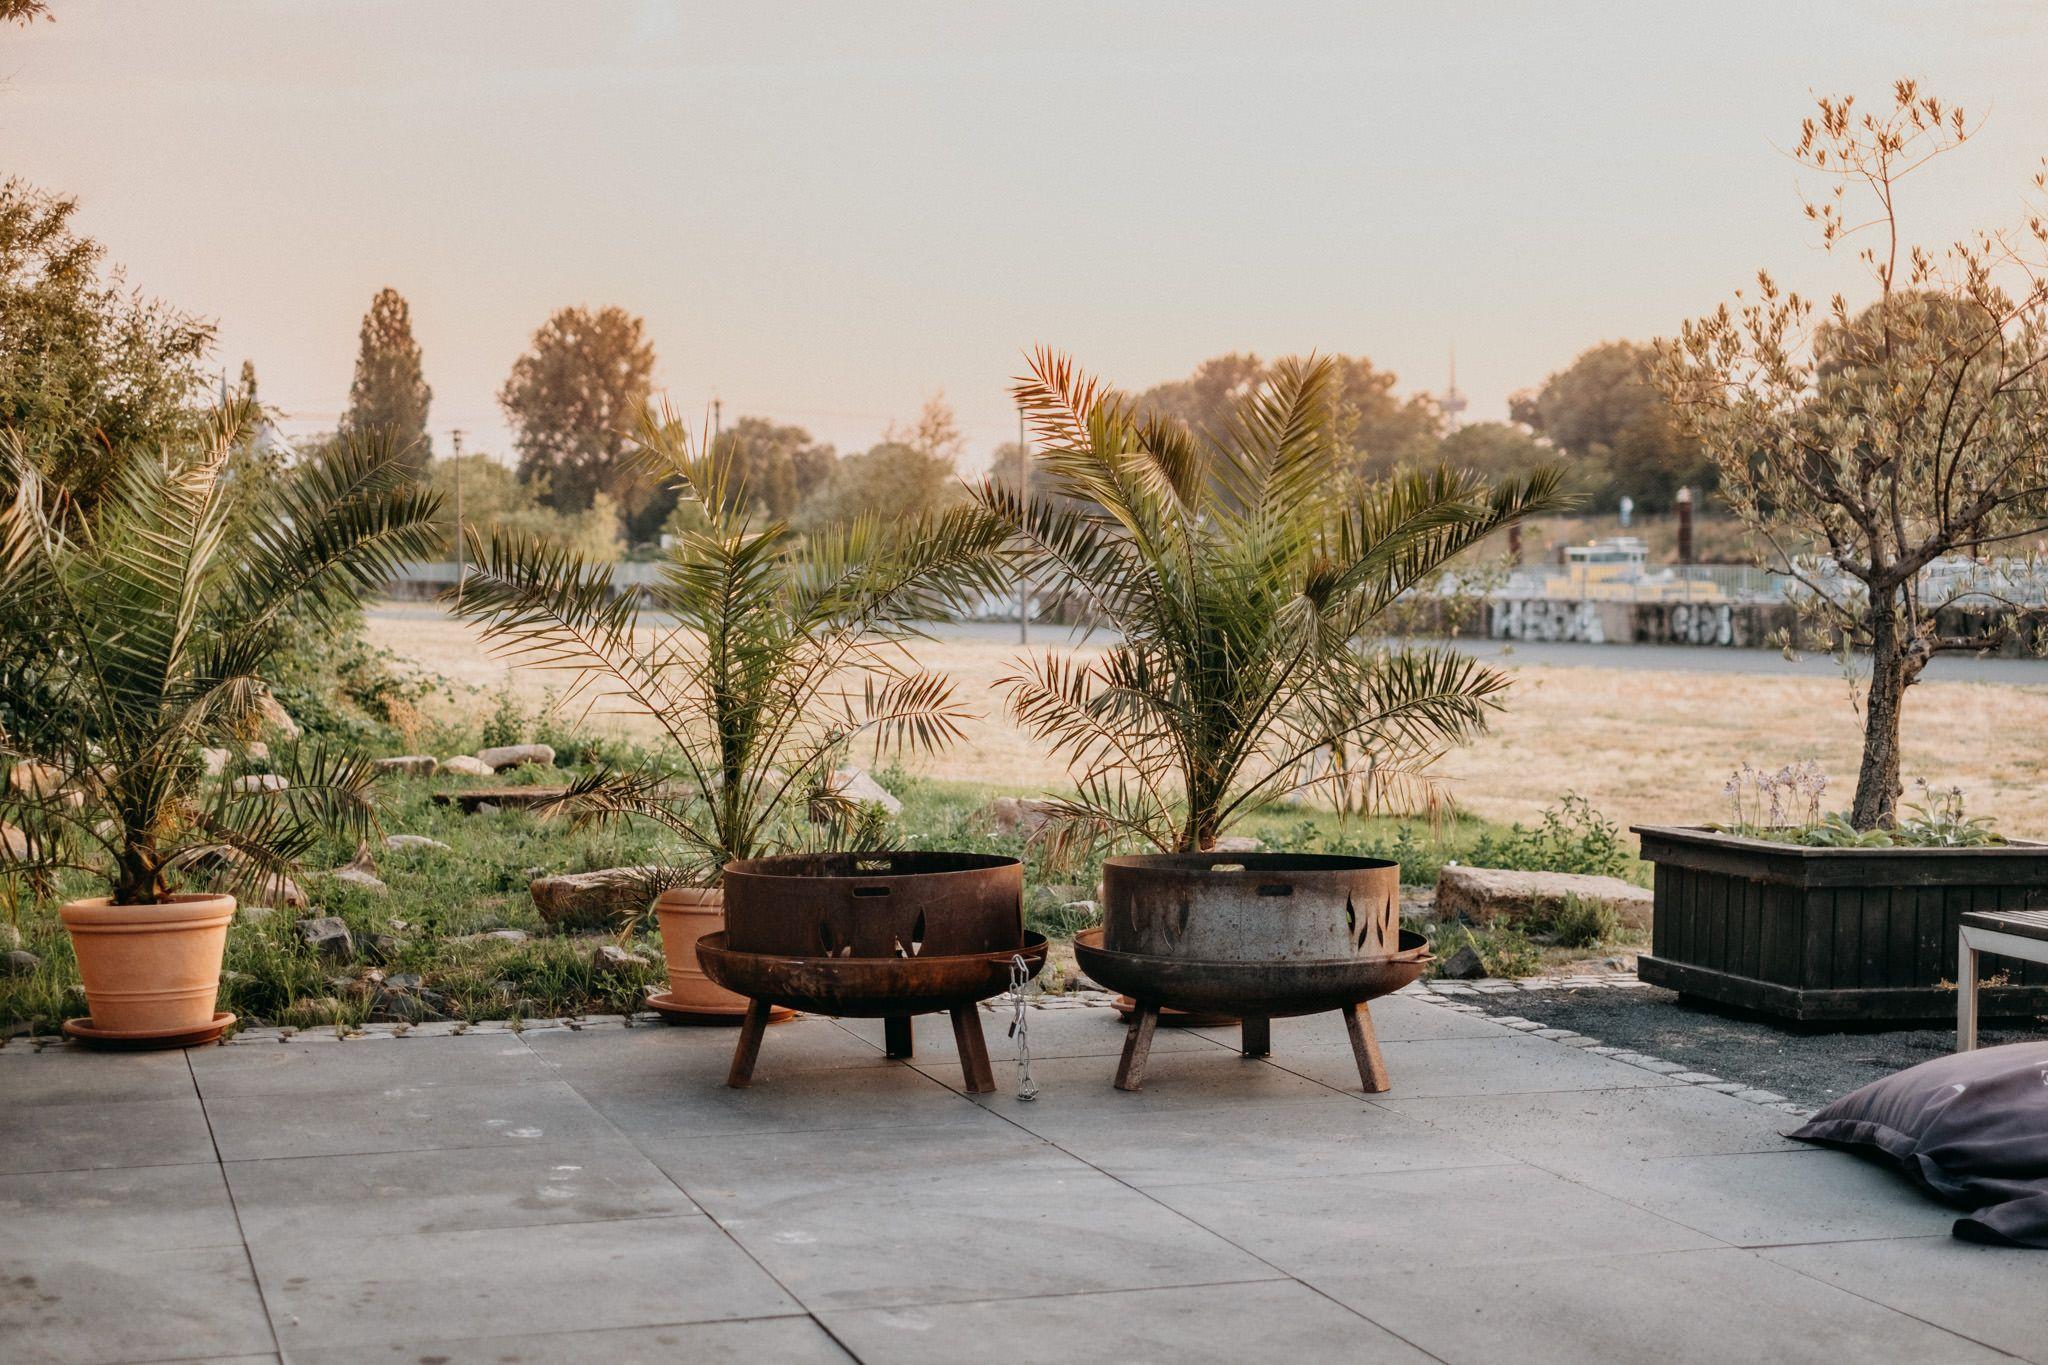 Sommerhochzeit Location In Koln Mit Fantastischem Aussenbereich In 2020 Hochzeitsfotograf Sommerhochzeit Hochzeitslocation